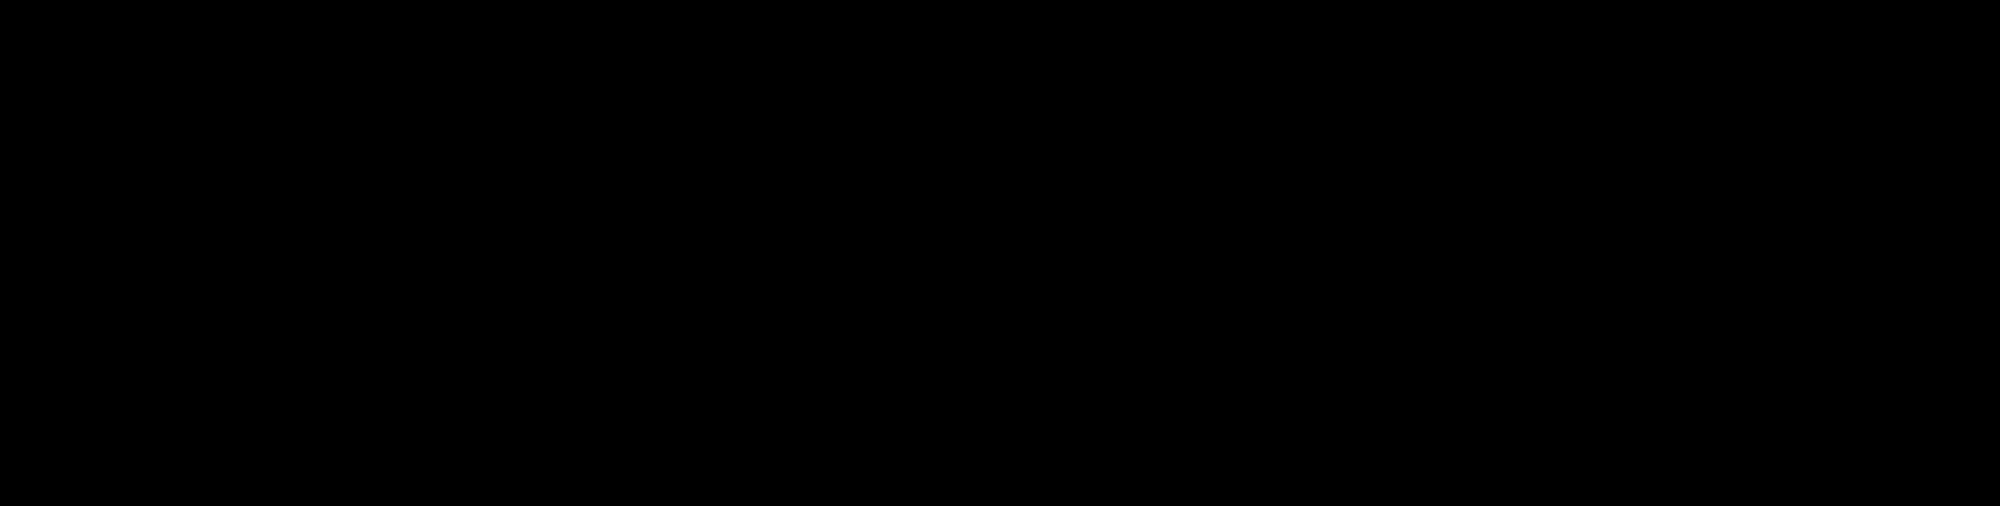 www.ultrax-speech.org